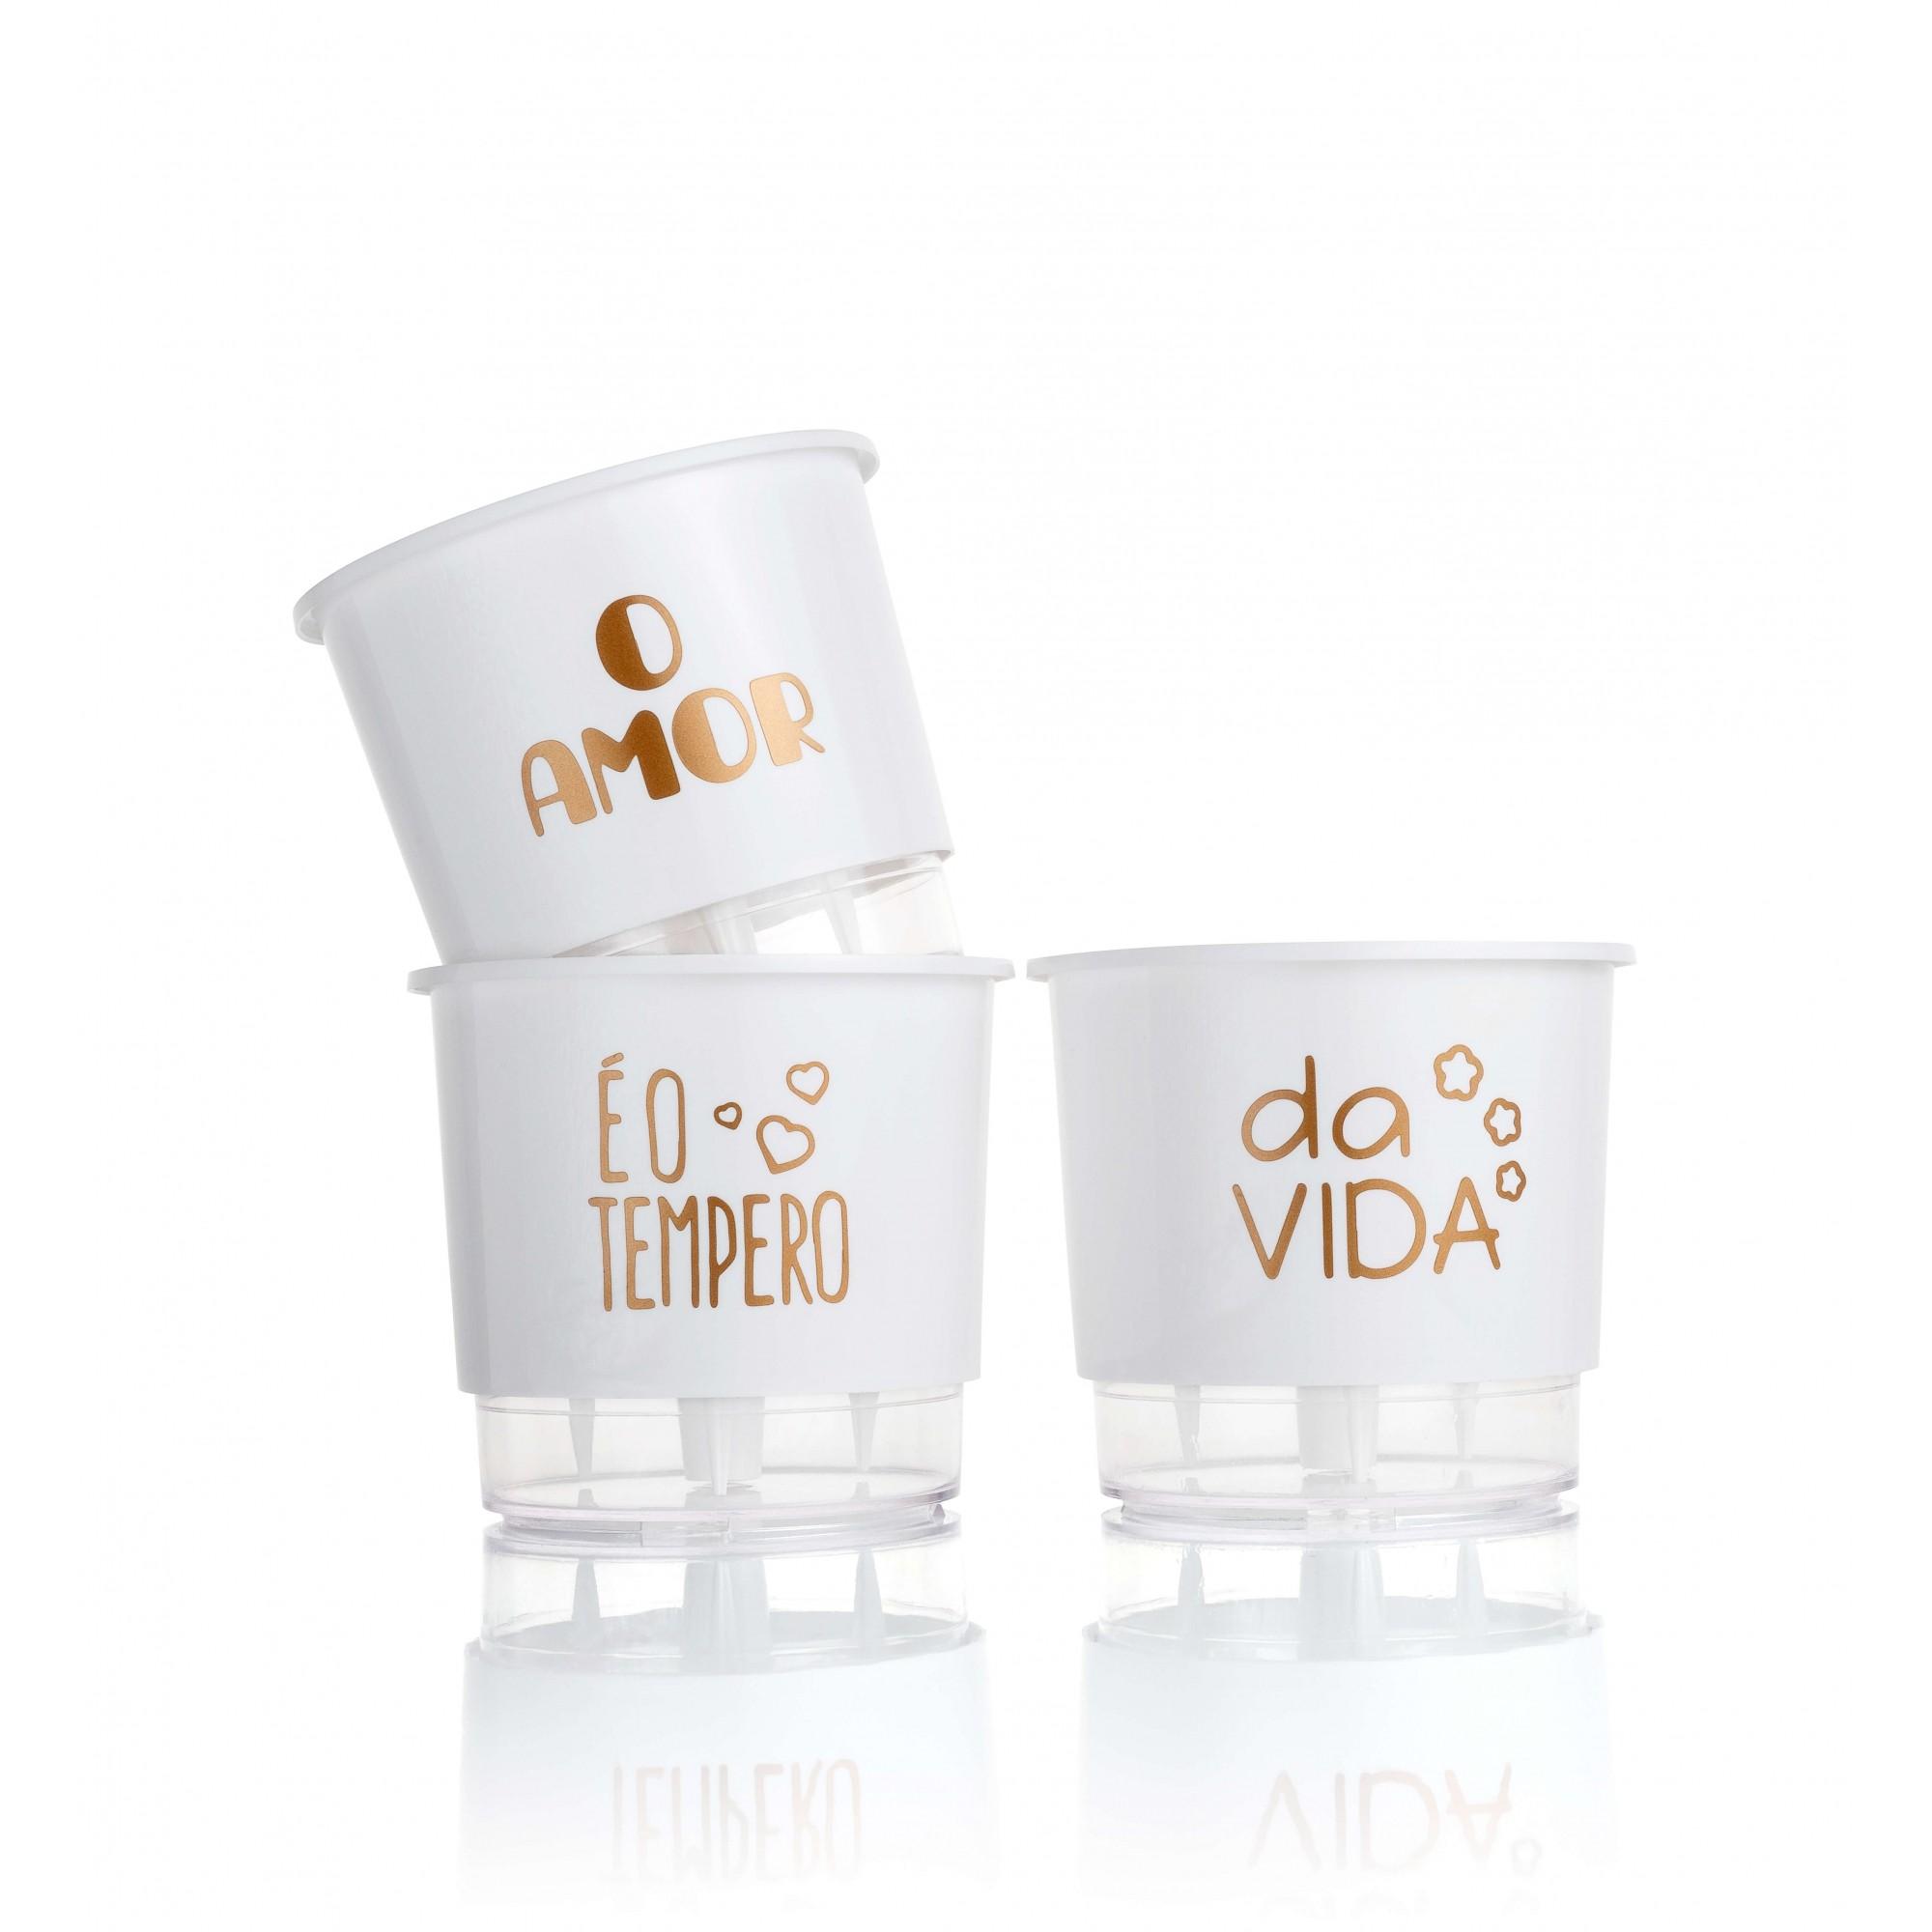 Conjunto 3 Vasos Autoirrigáveis Pequenos 12cm x 11cm O Amor é o Tempero da Vida - Branco  - Vasos Raiz Loja Oficial